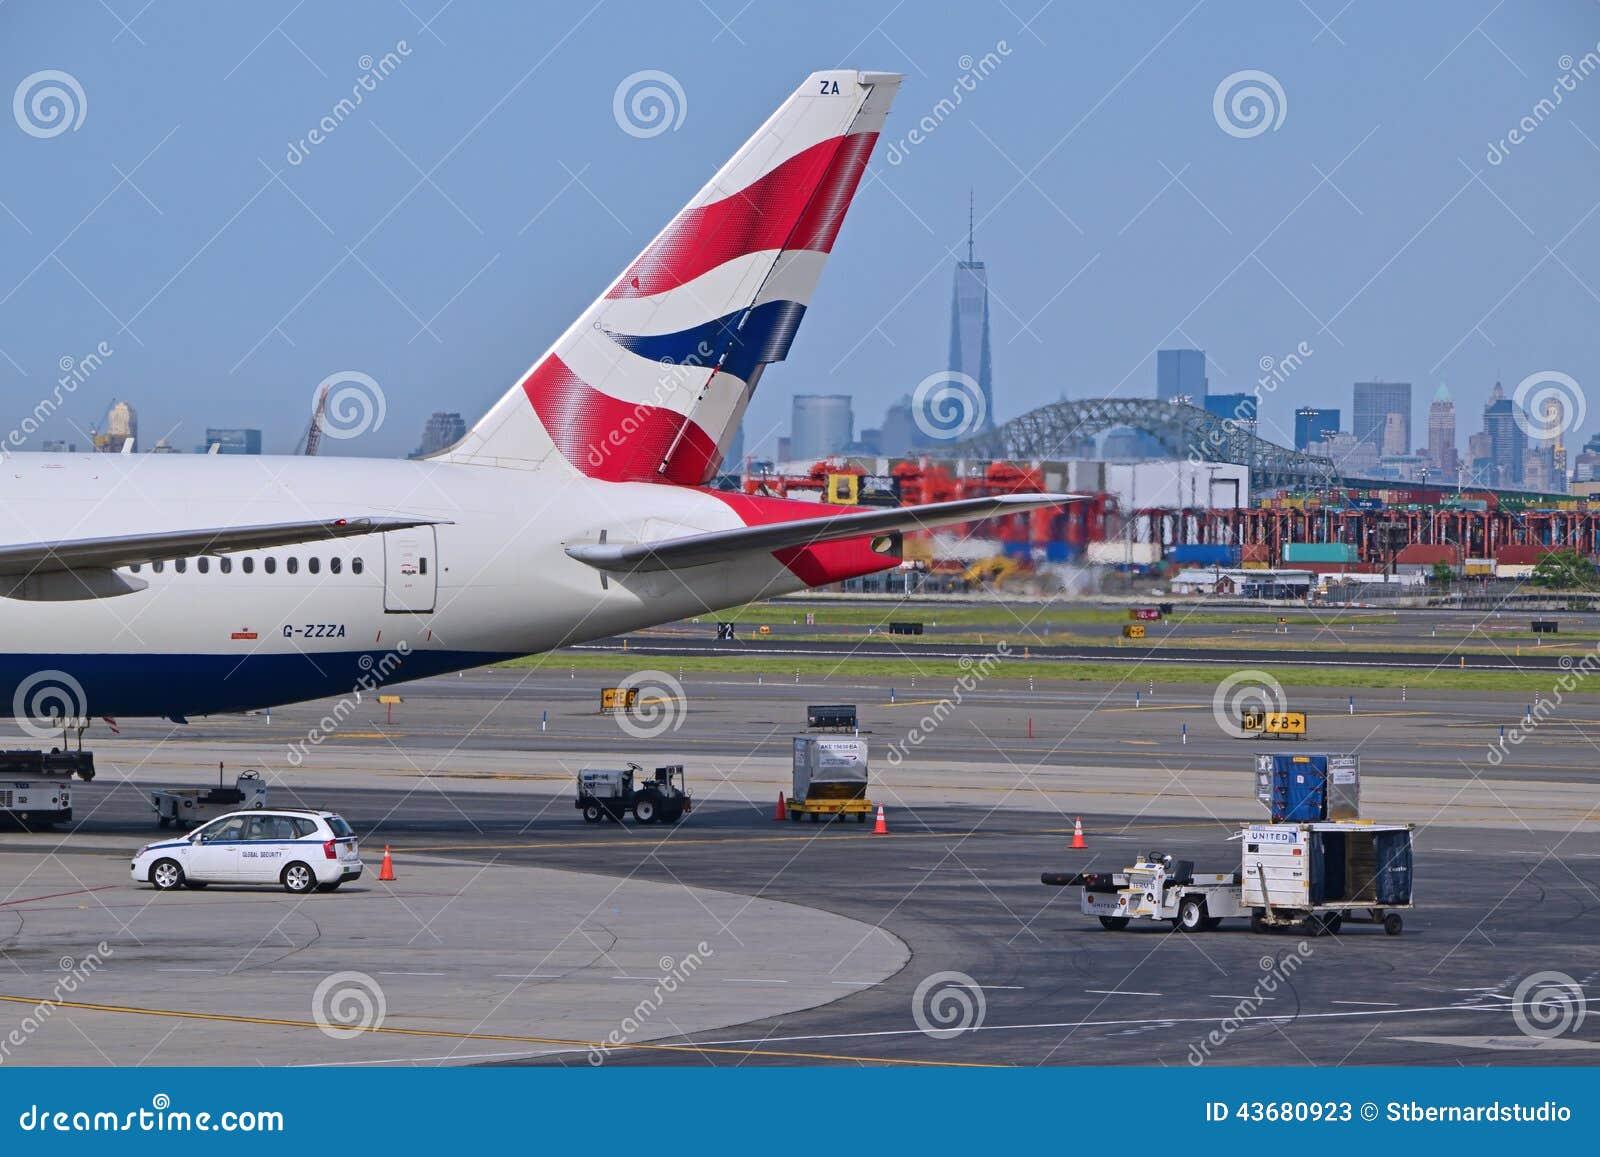 endstück von british airways-fläche mit new york city im